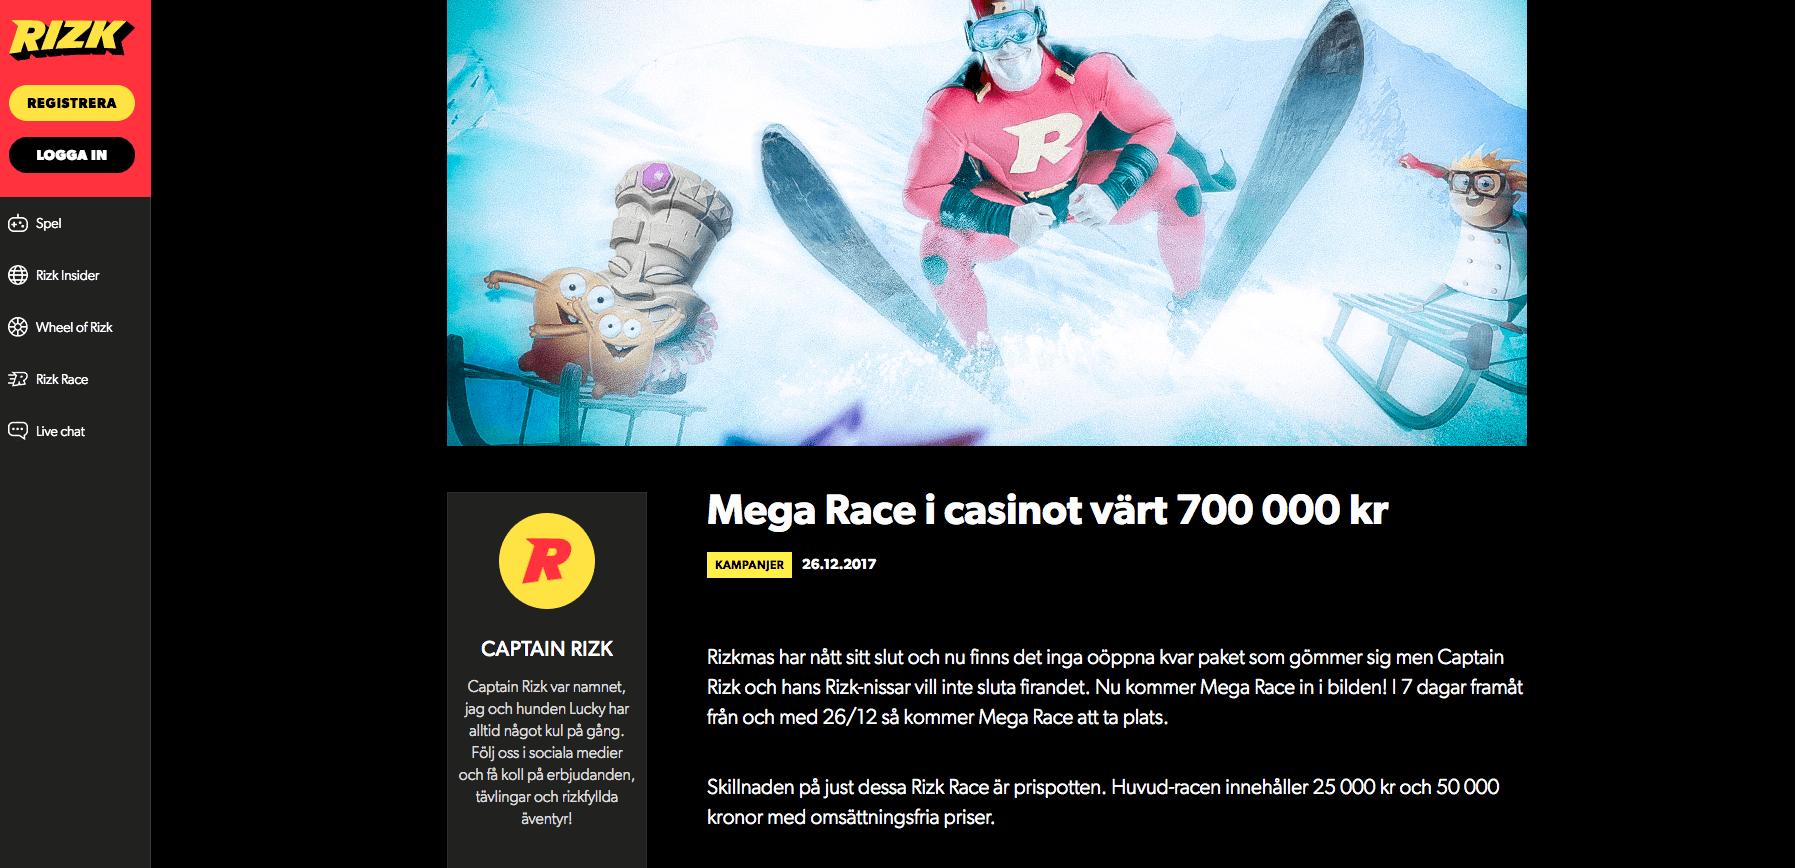 Rizk mega race